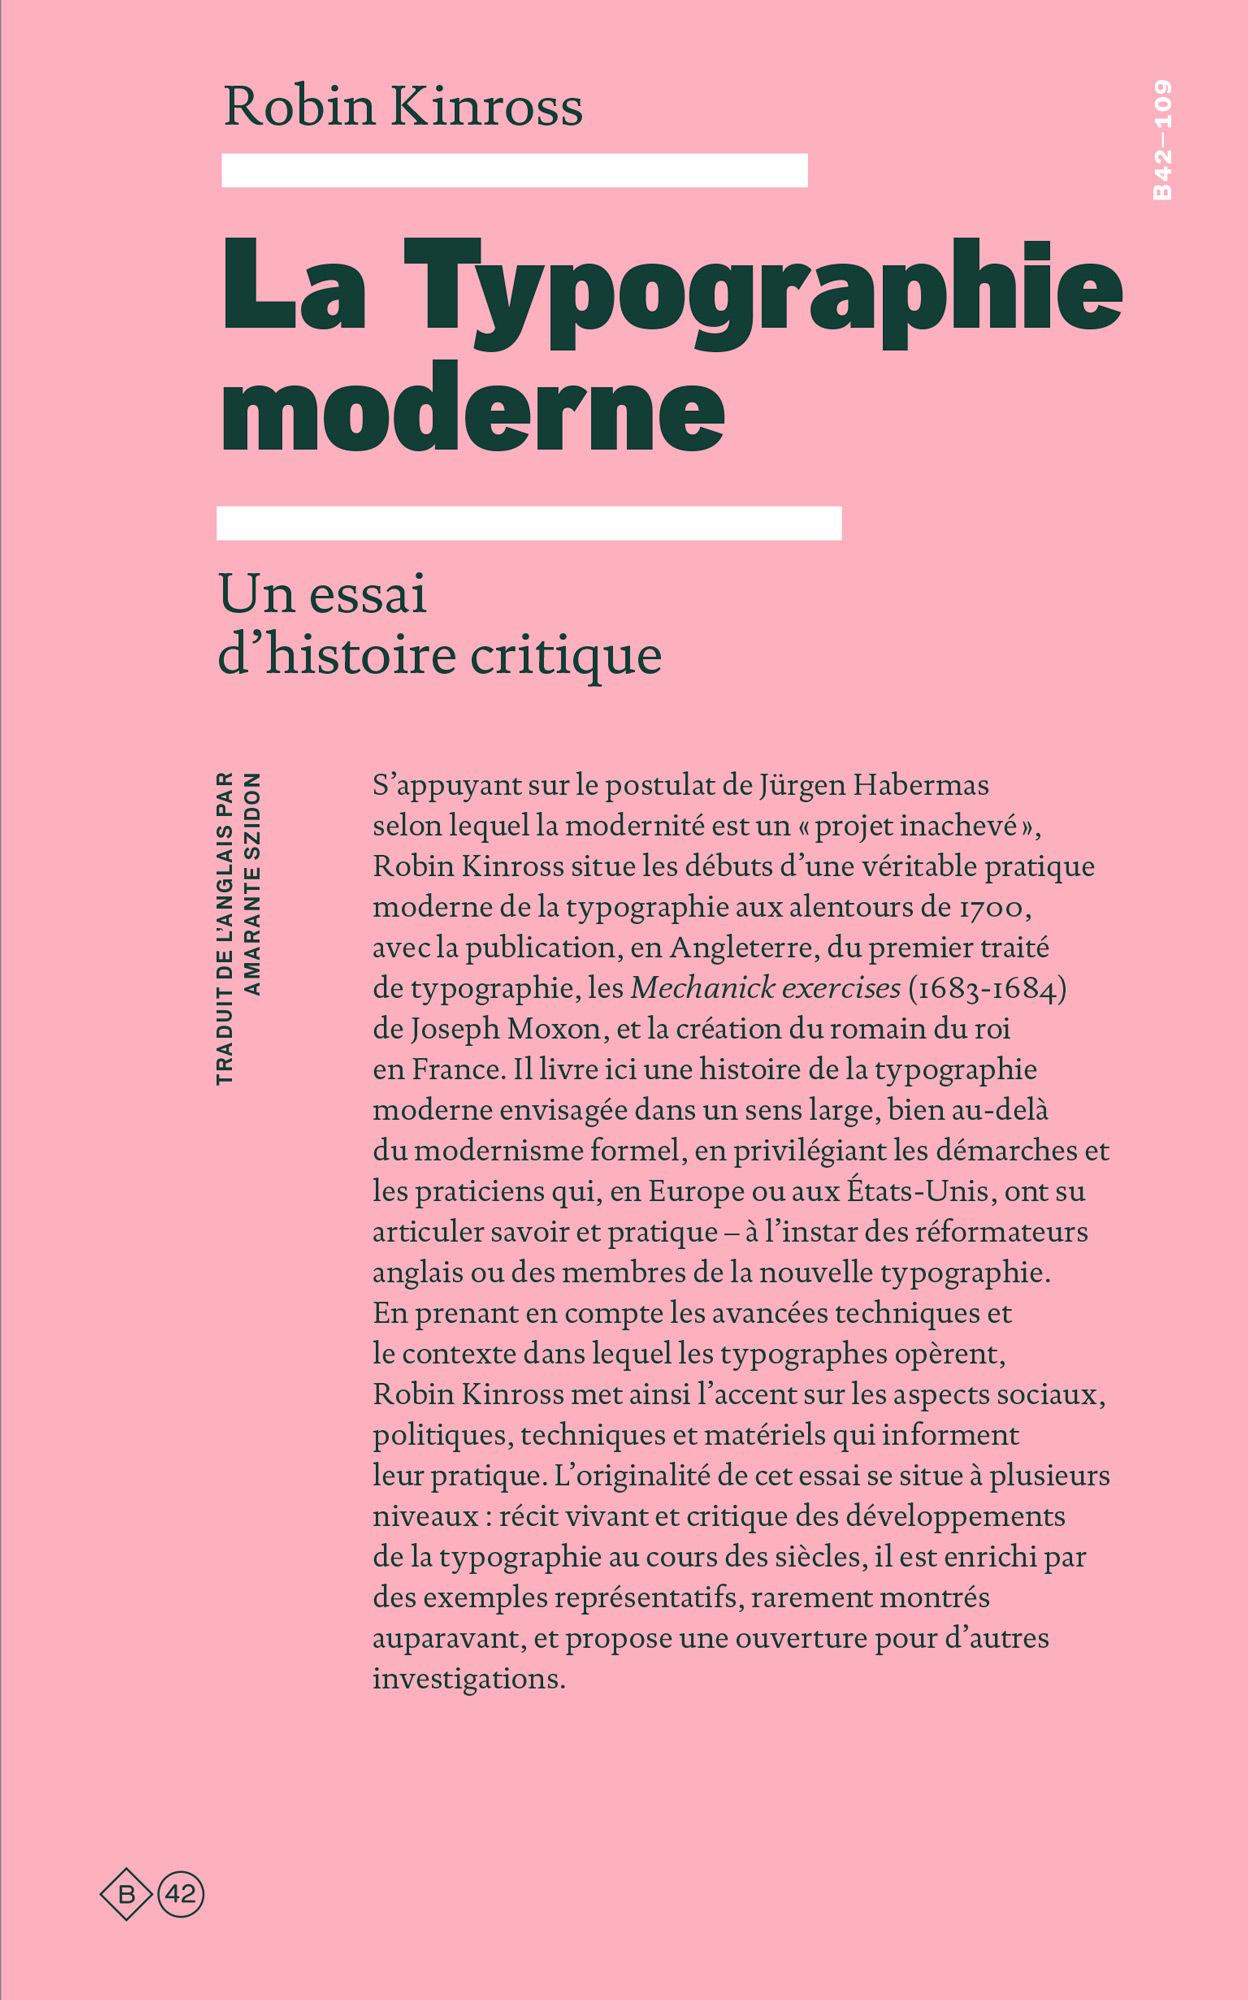 LA TYPOGRAPHIE MODERNE - UN ESSAI D HISTOIRE CRITIQUE